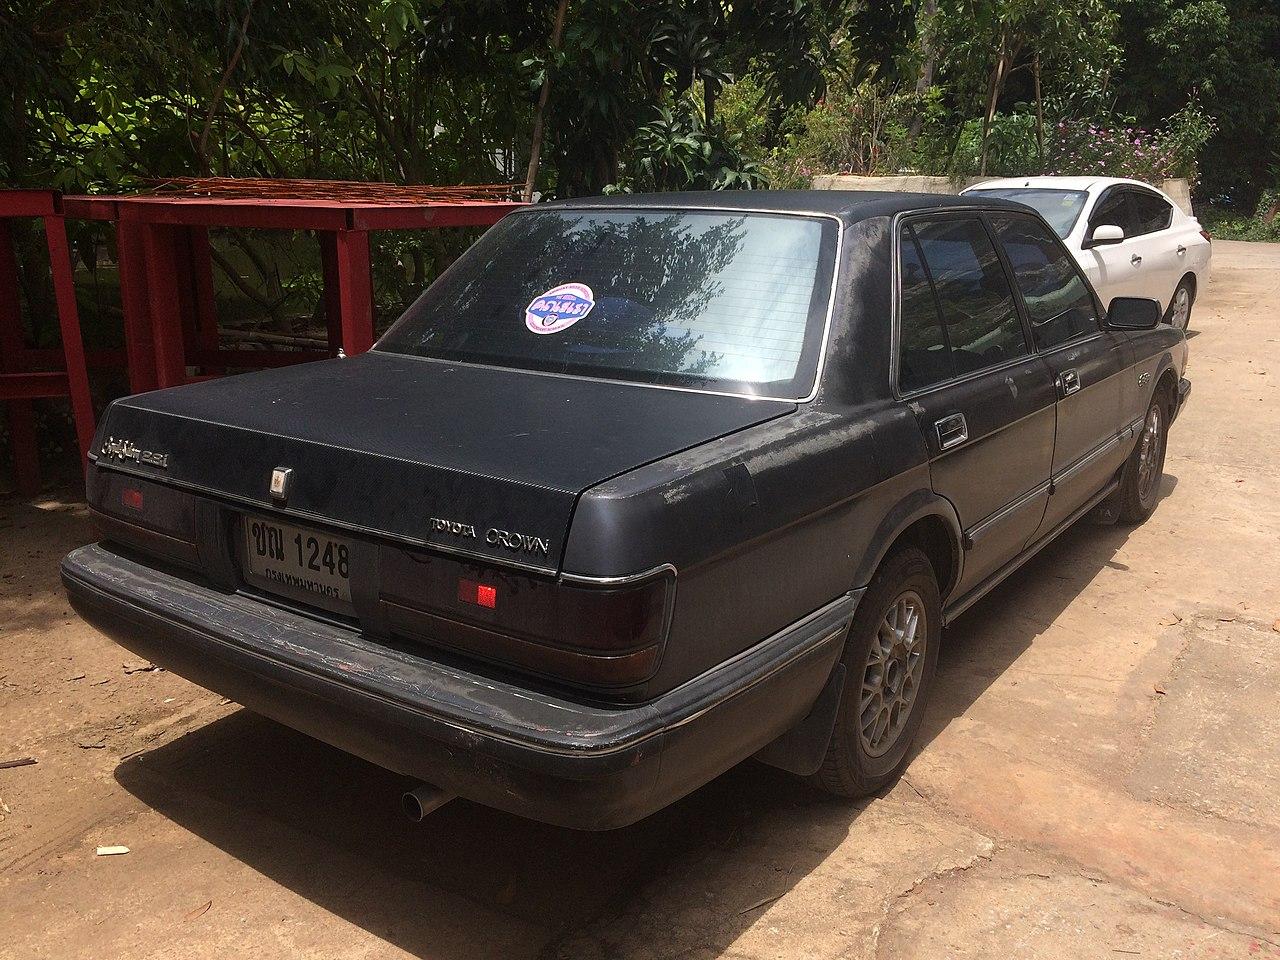 Kelebihan Kekurangan Toyota Crown 1990 Tangguh